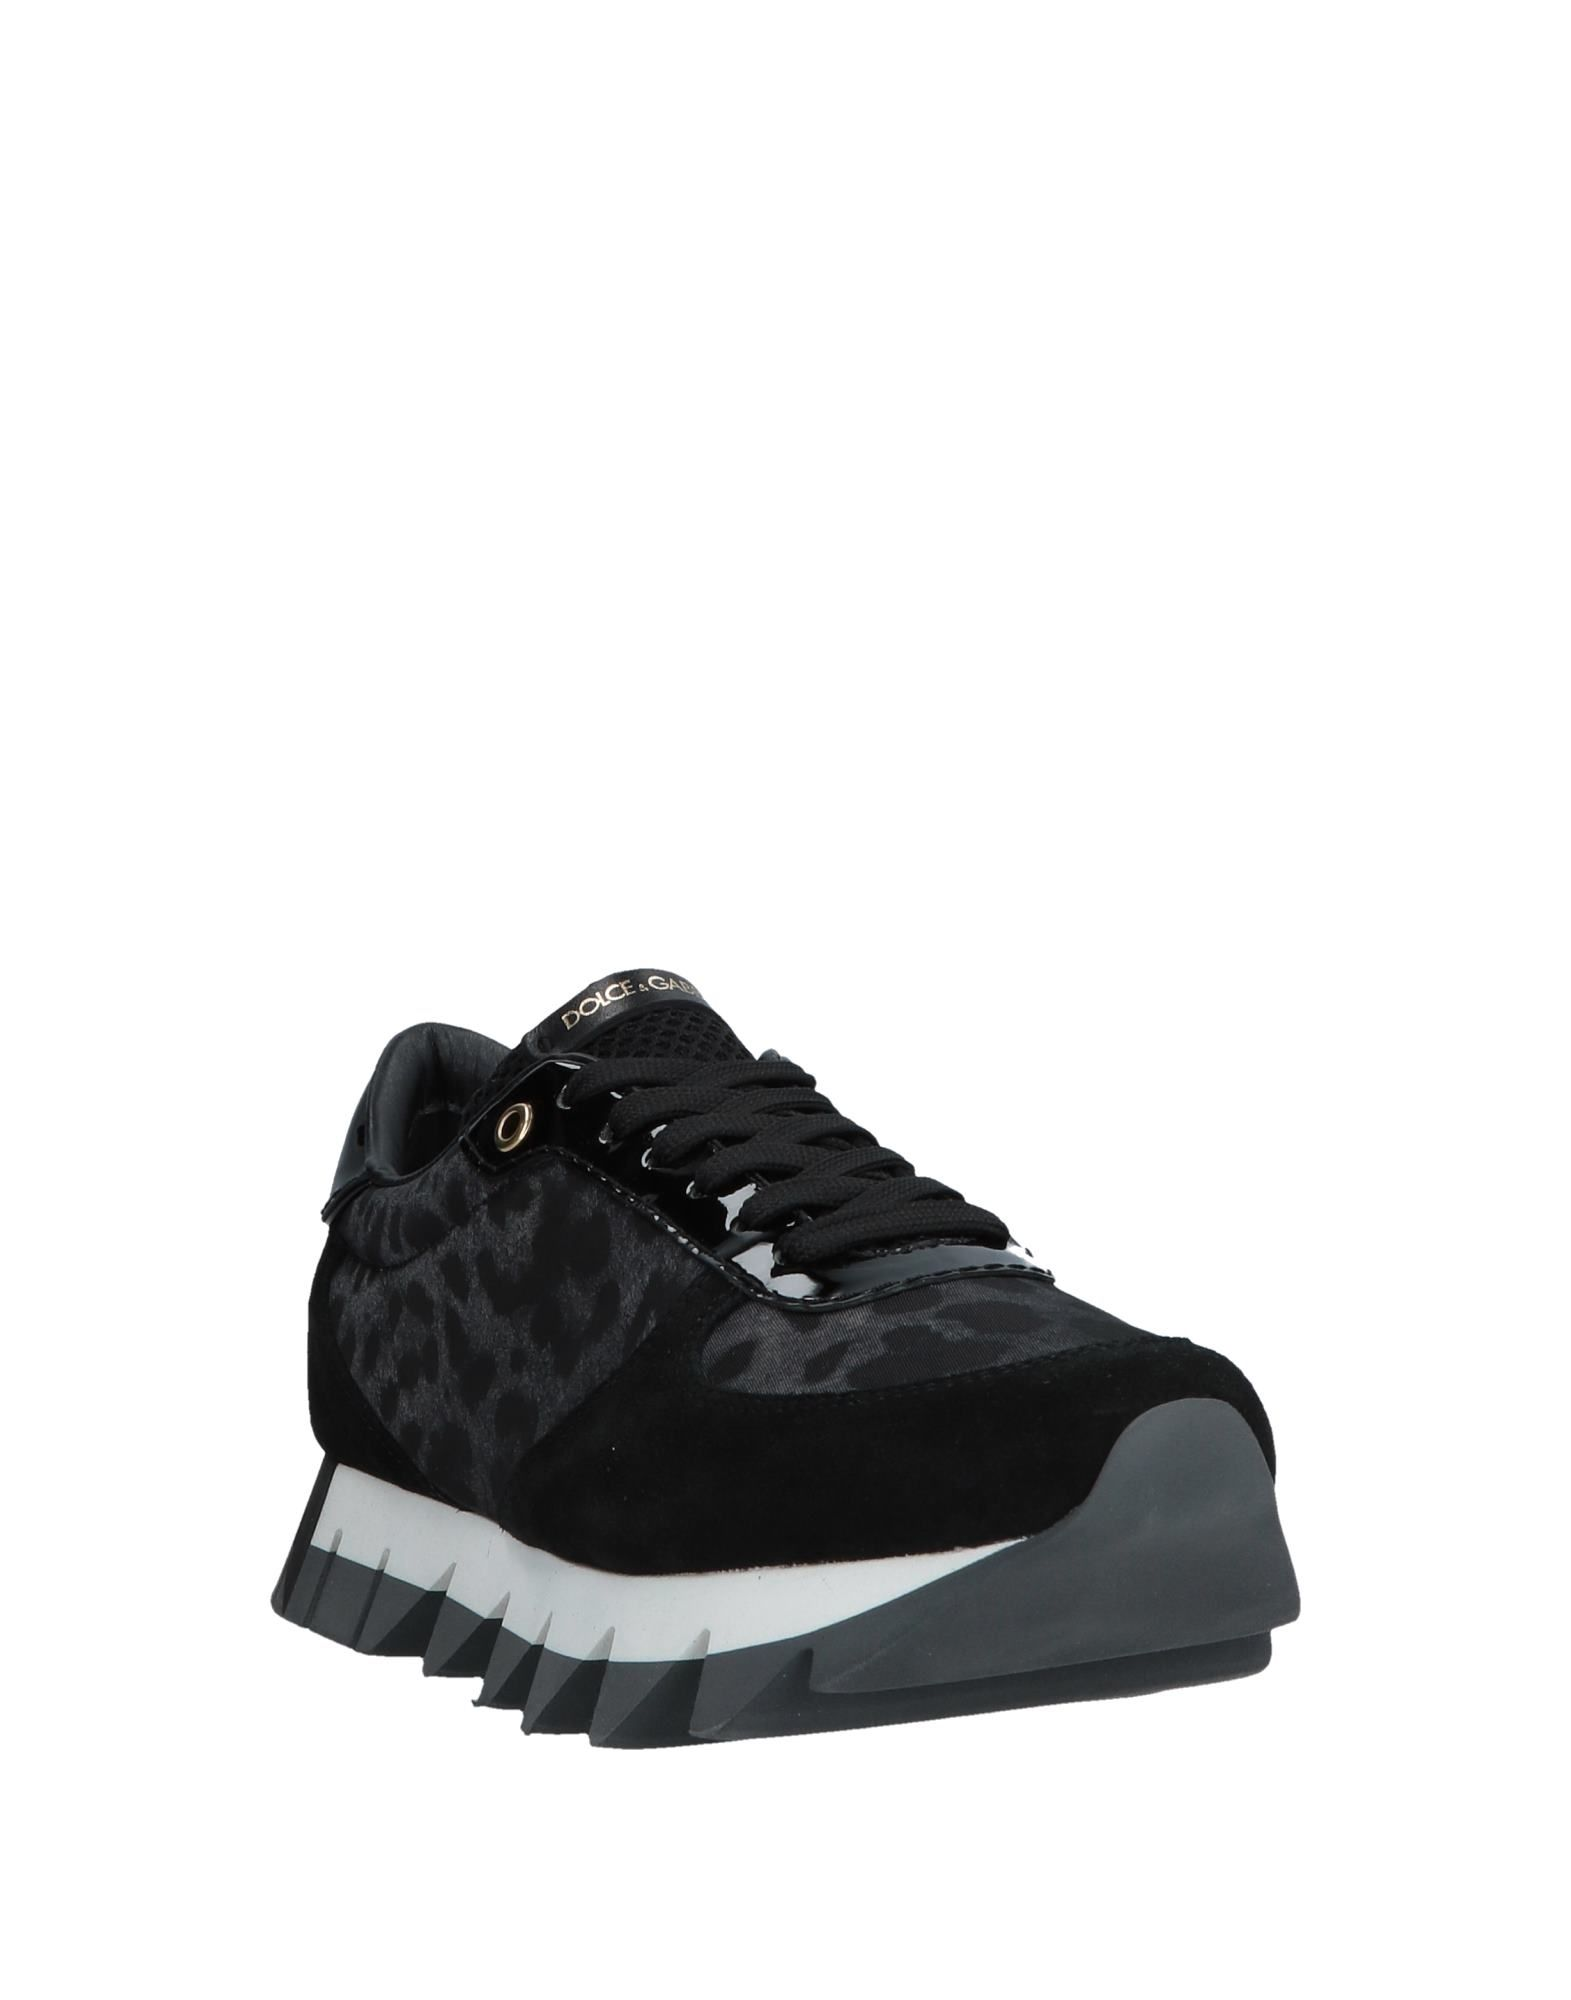 Dolce & Gabbana Sneakers - Women Women Women Dolce & Gabbana Sneakers online on  Canada - 11571823EE ac0964